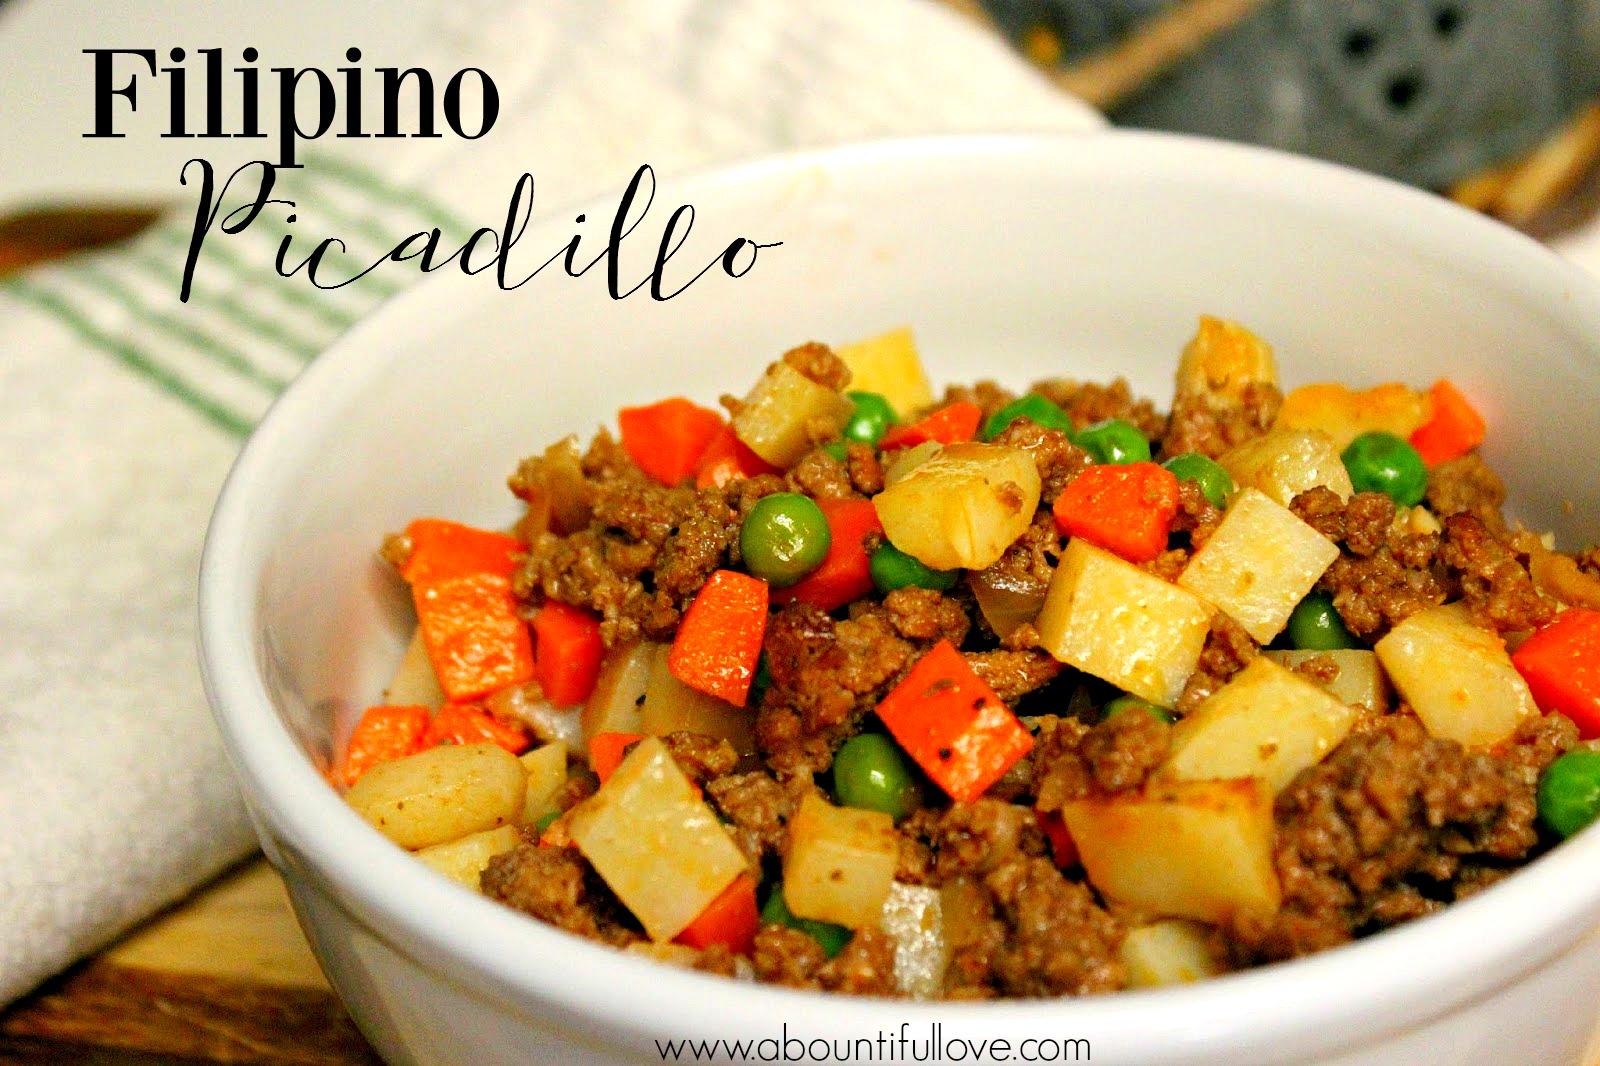 Filipino Picadillo - A Bountiful Love